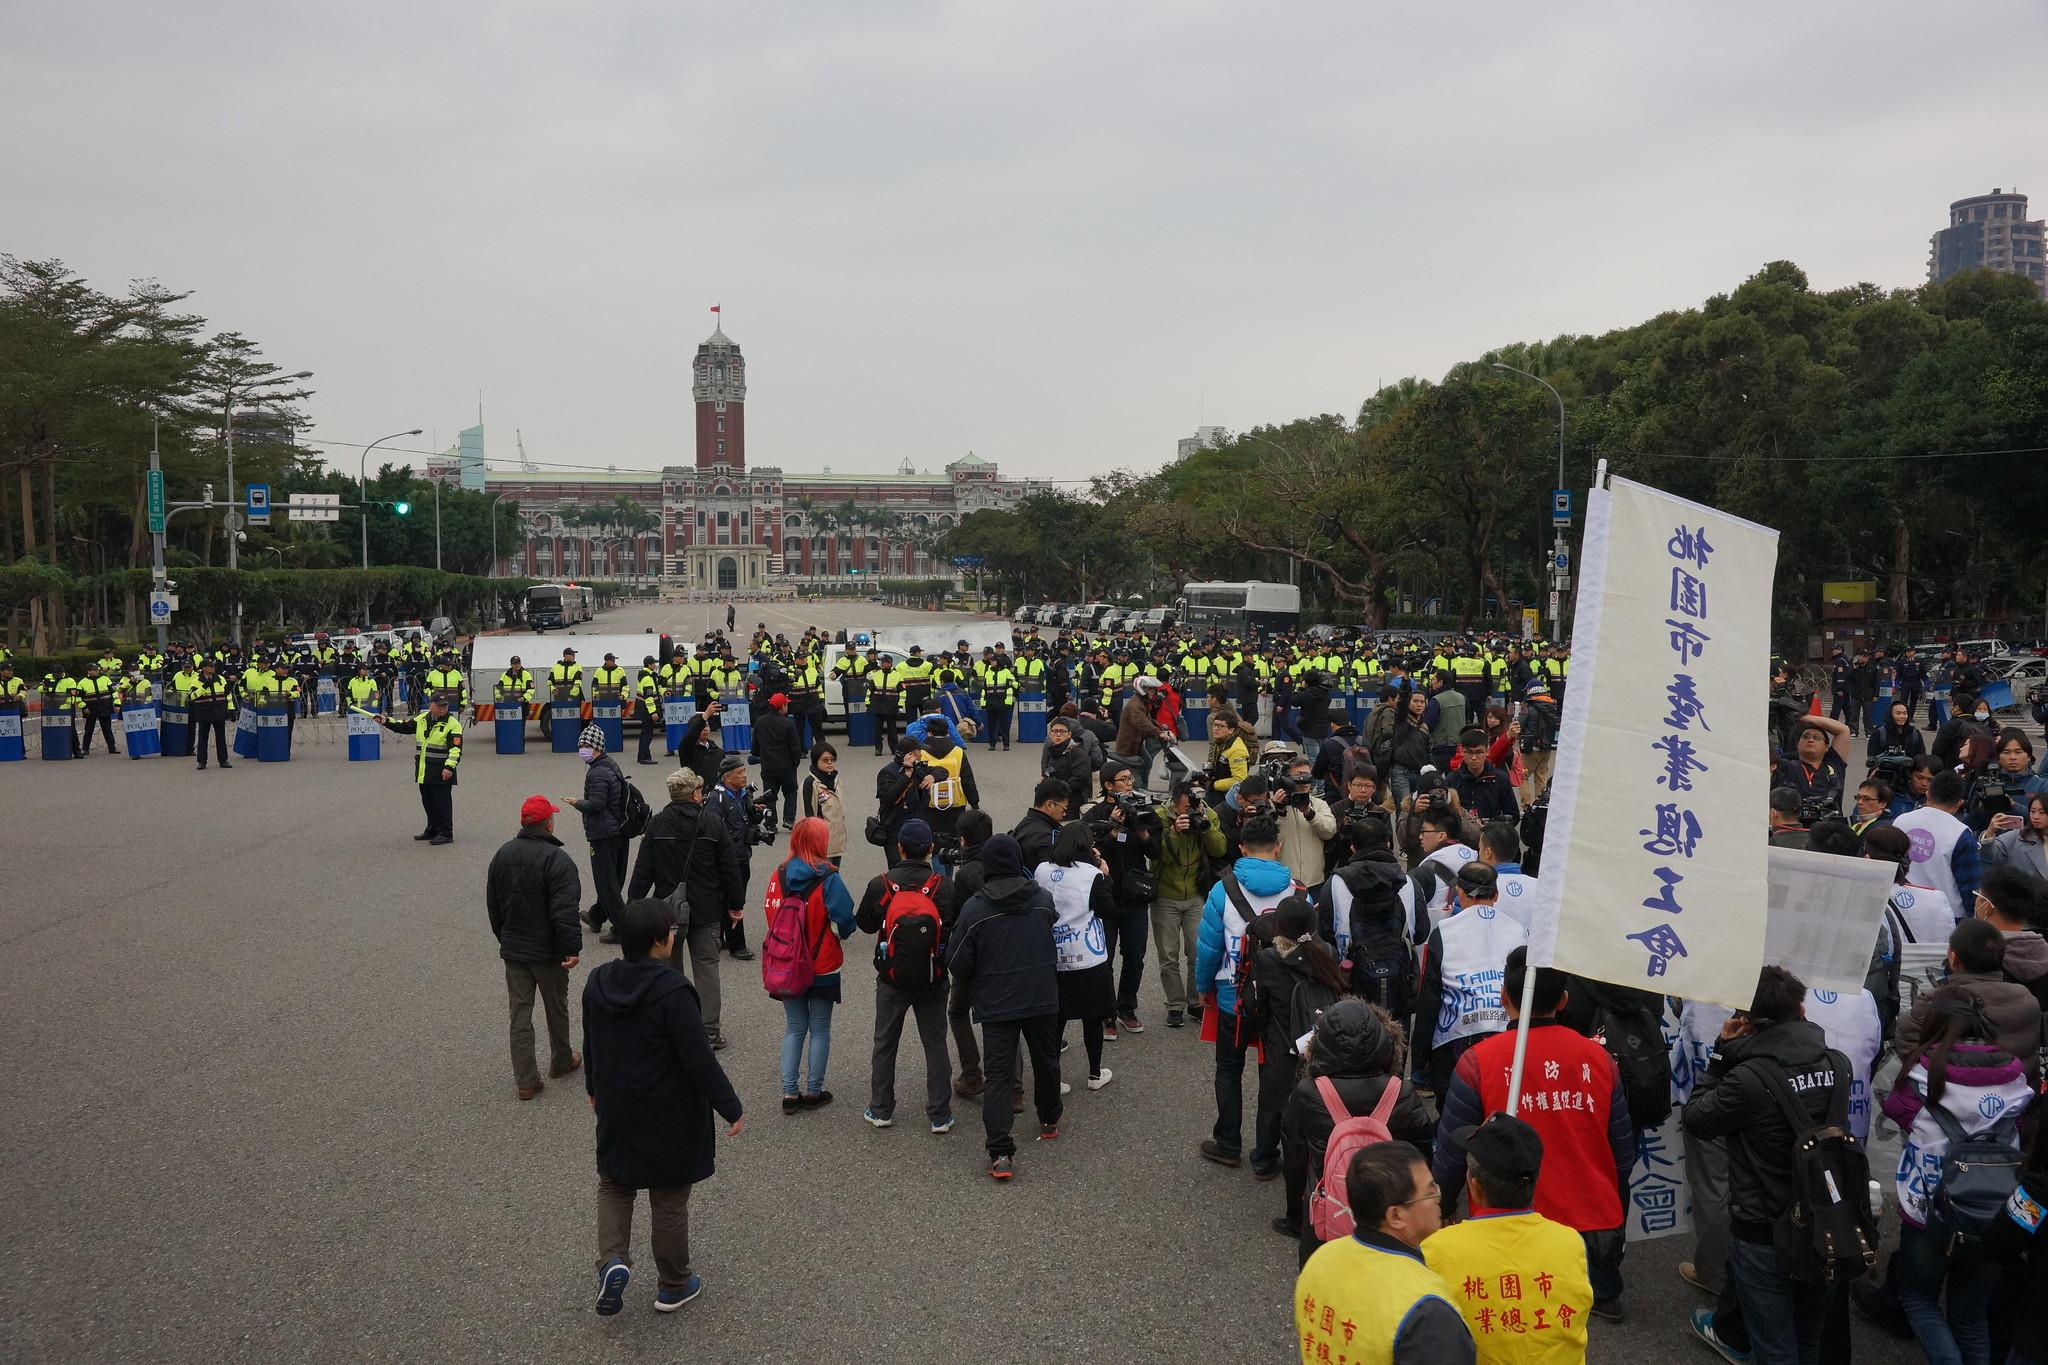 """警方在台北宾馆前设置""""陈情区"""",但工会绕开该区,在公园路与凯道口静坐陈情。(摄影:王颢中)"""